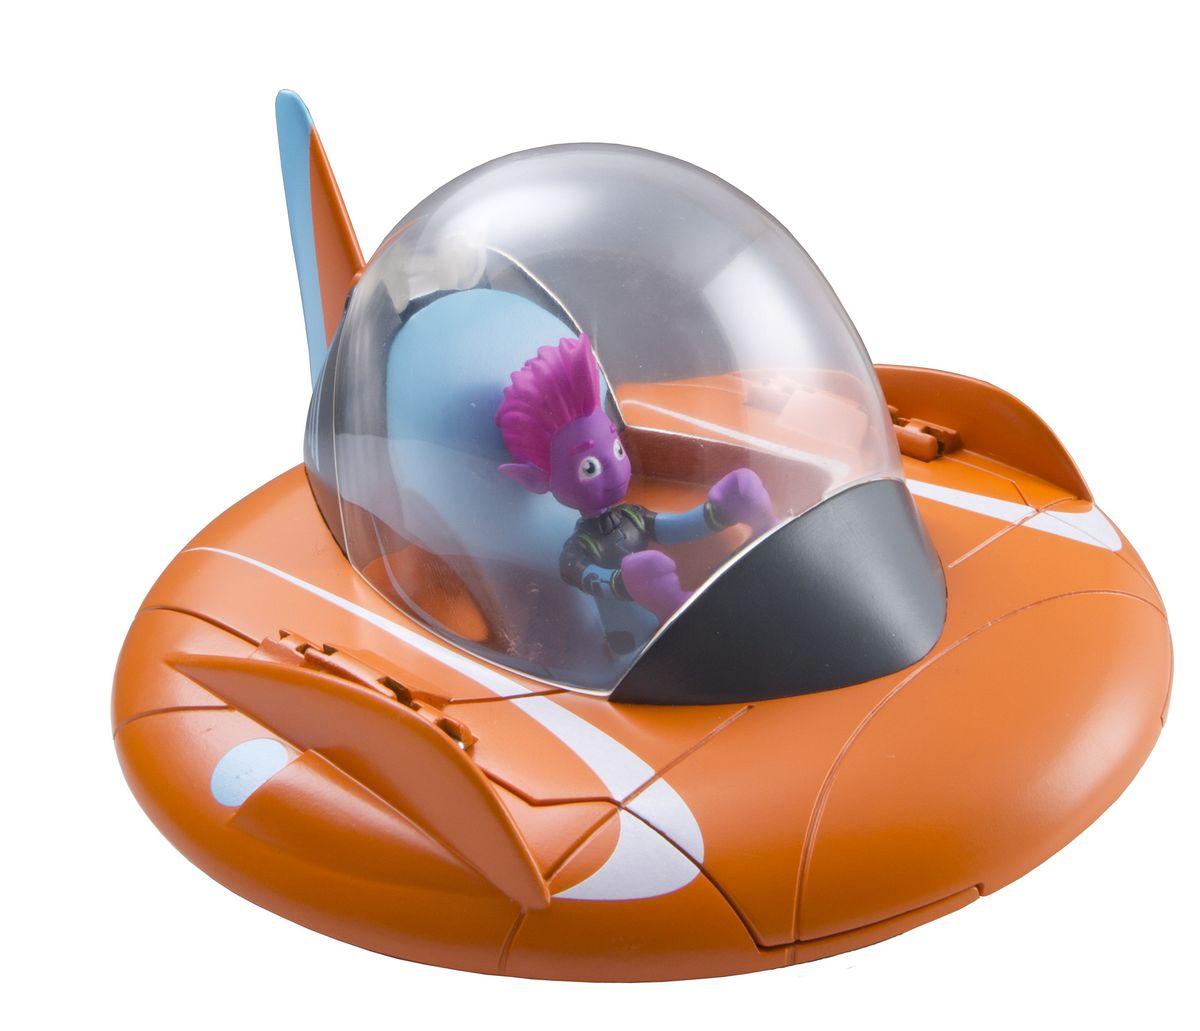 """Летающая тарелка """"Miles from Tomorrowland"""" оранжевого цвета может трансформироваться в планетоход: у нее складываются боковые плоскости и выдвигаются шасси, которые позволяют передвигаться по любой поверхности. Фигурка Пипа входит в комплект. Маленький розовый инопланетянин очень органично смотрится за штурвалом своего летательного аппарата. Порадуйте своего ребенка любимым персонажем из мультфильма, и он поразит вас полетом и новыми приключениями хорошо знакомых героев."""